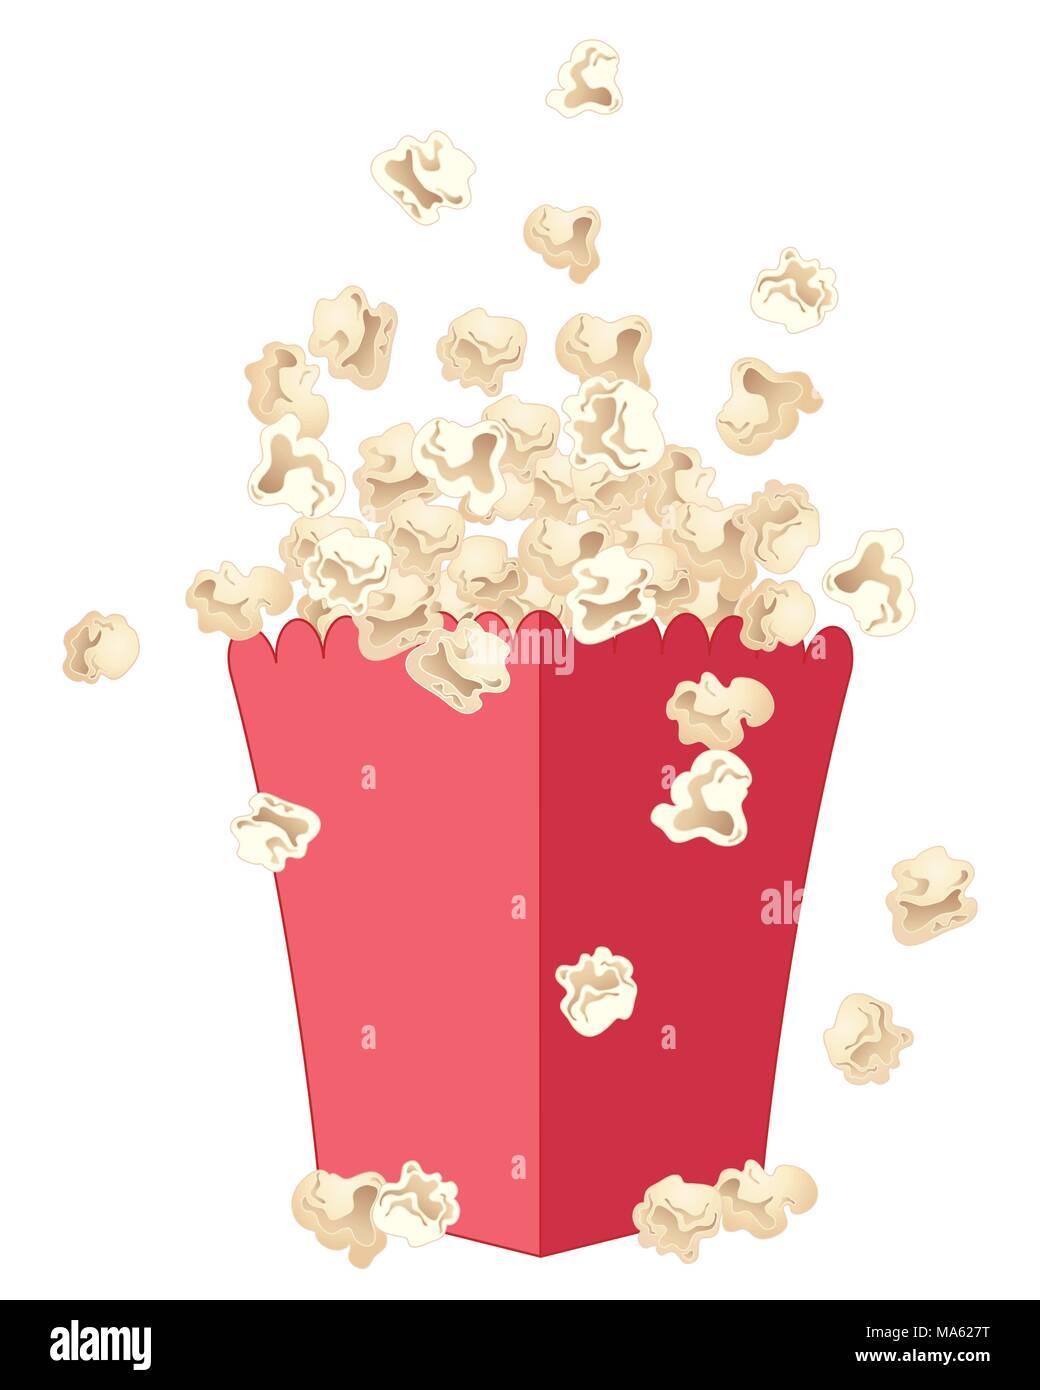 Una illustrazione vettoriale in formato eps formato 10 di freschi e deliziosi popcorn salta fuori di un rosso cartone fantasia isolato su uno sfondo bianco Immagini Stock